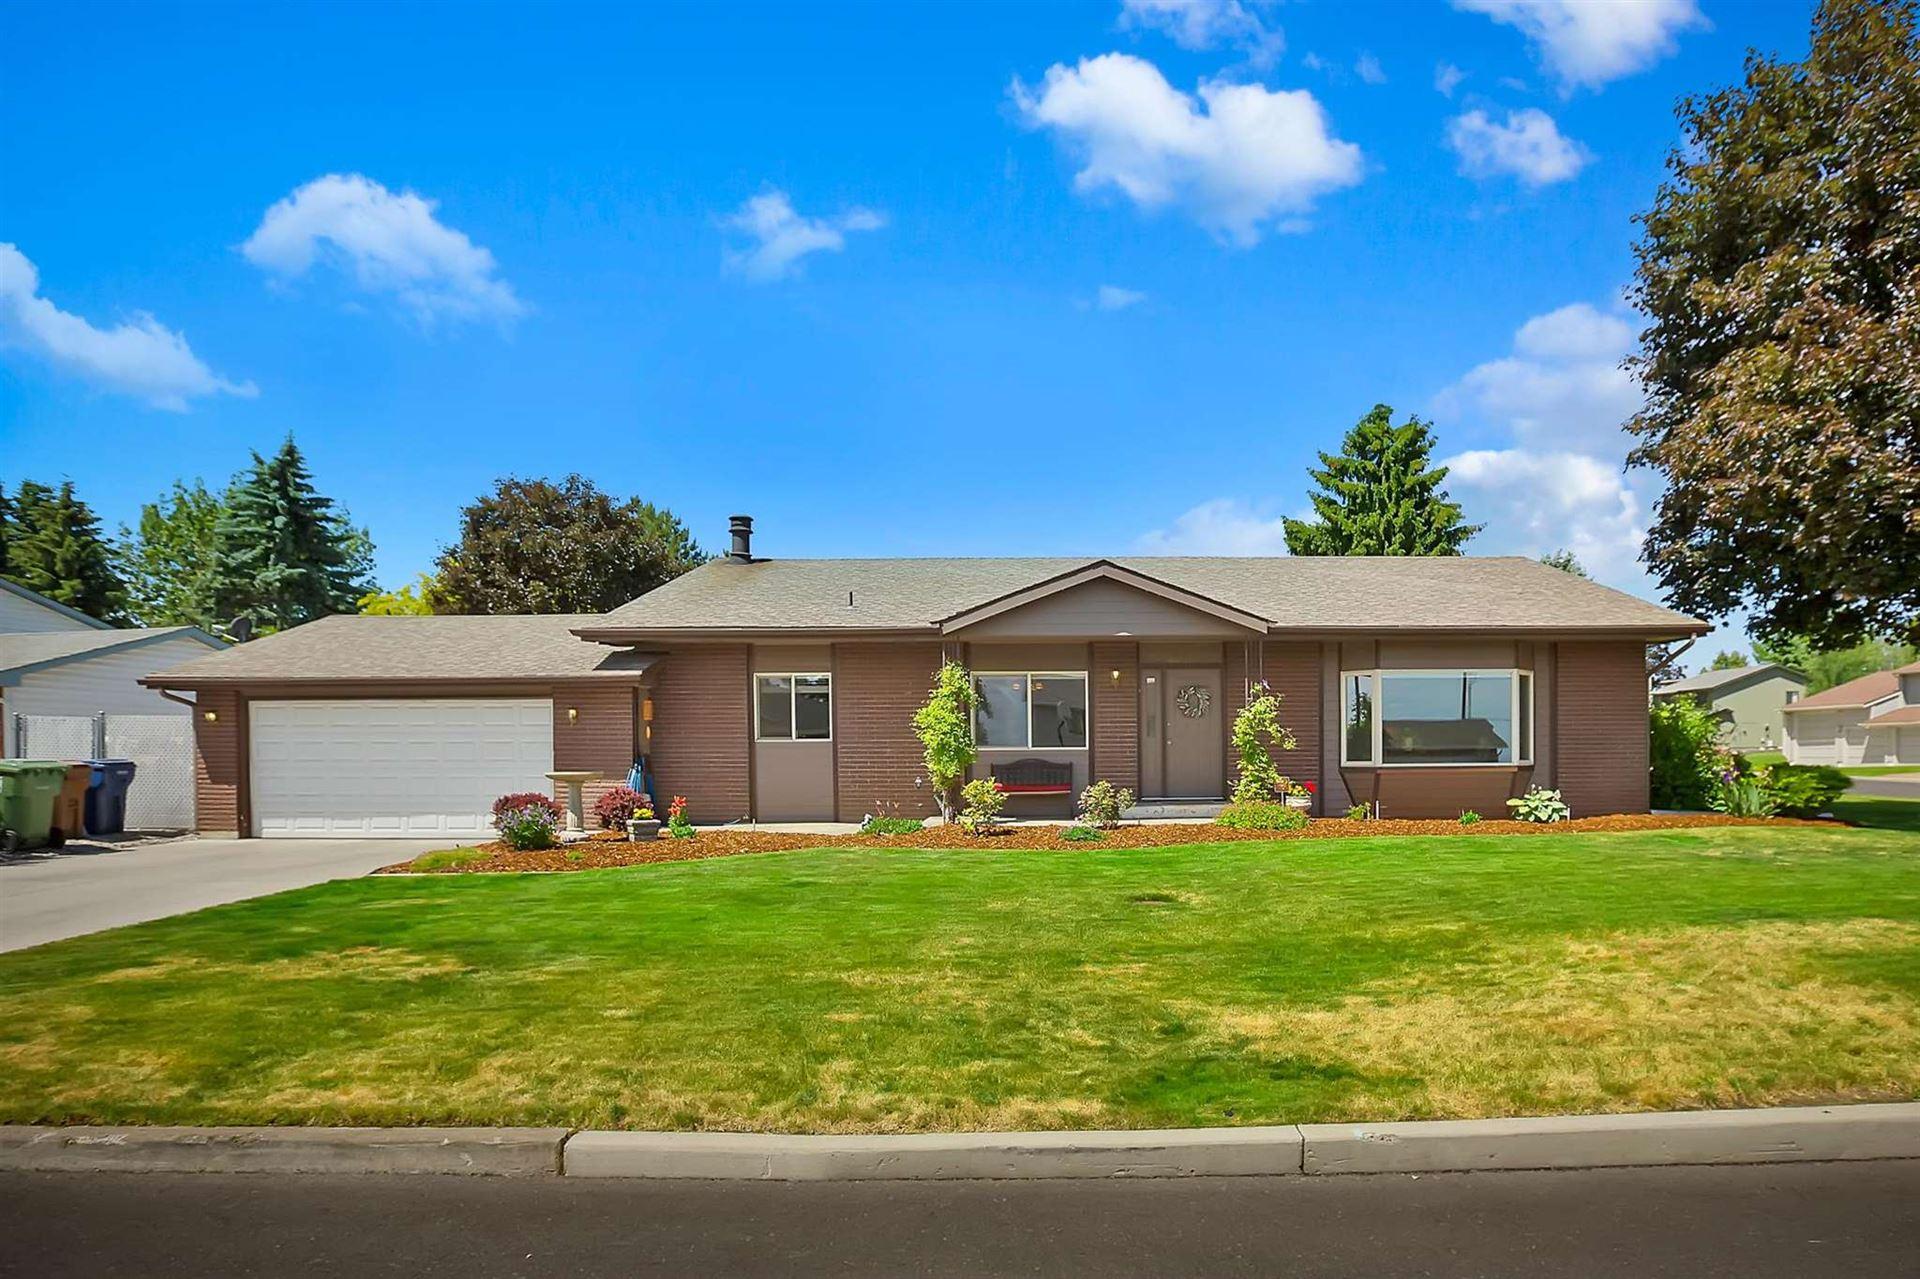 8027 N Panorama Dr, Spokane, WA 99208 - #: 202116908